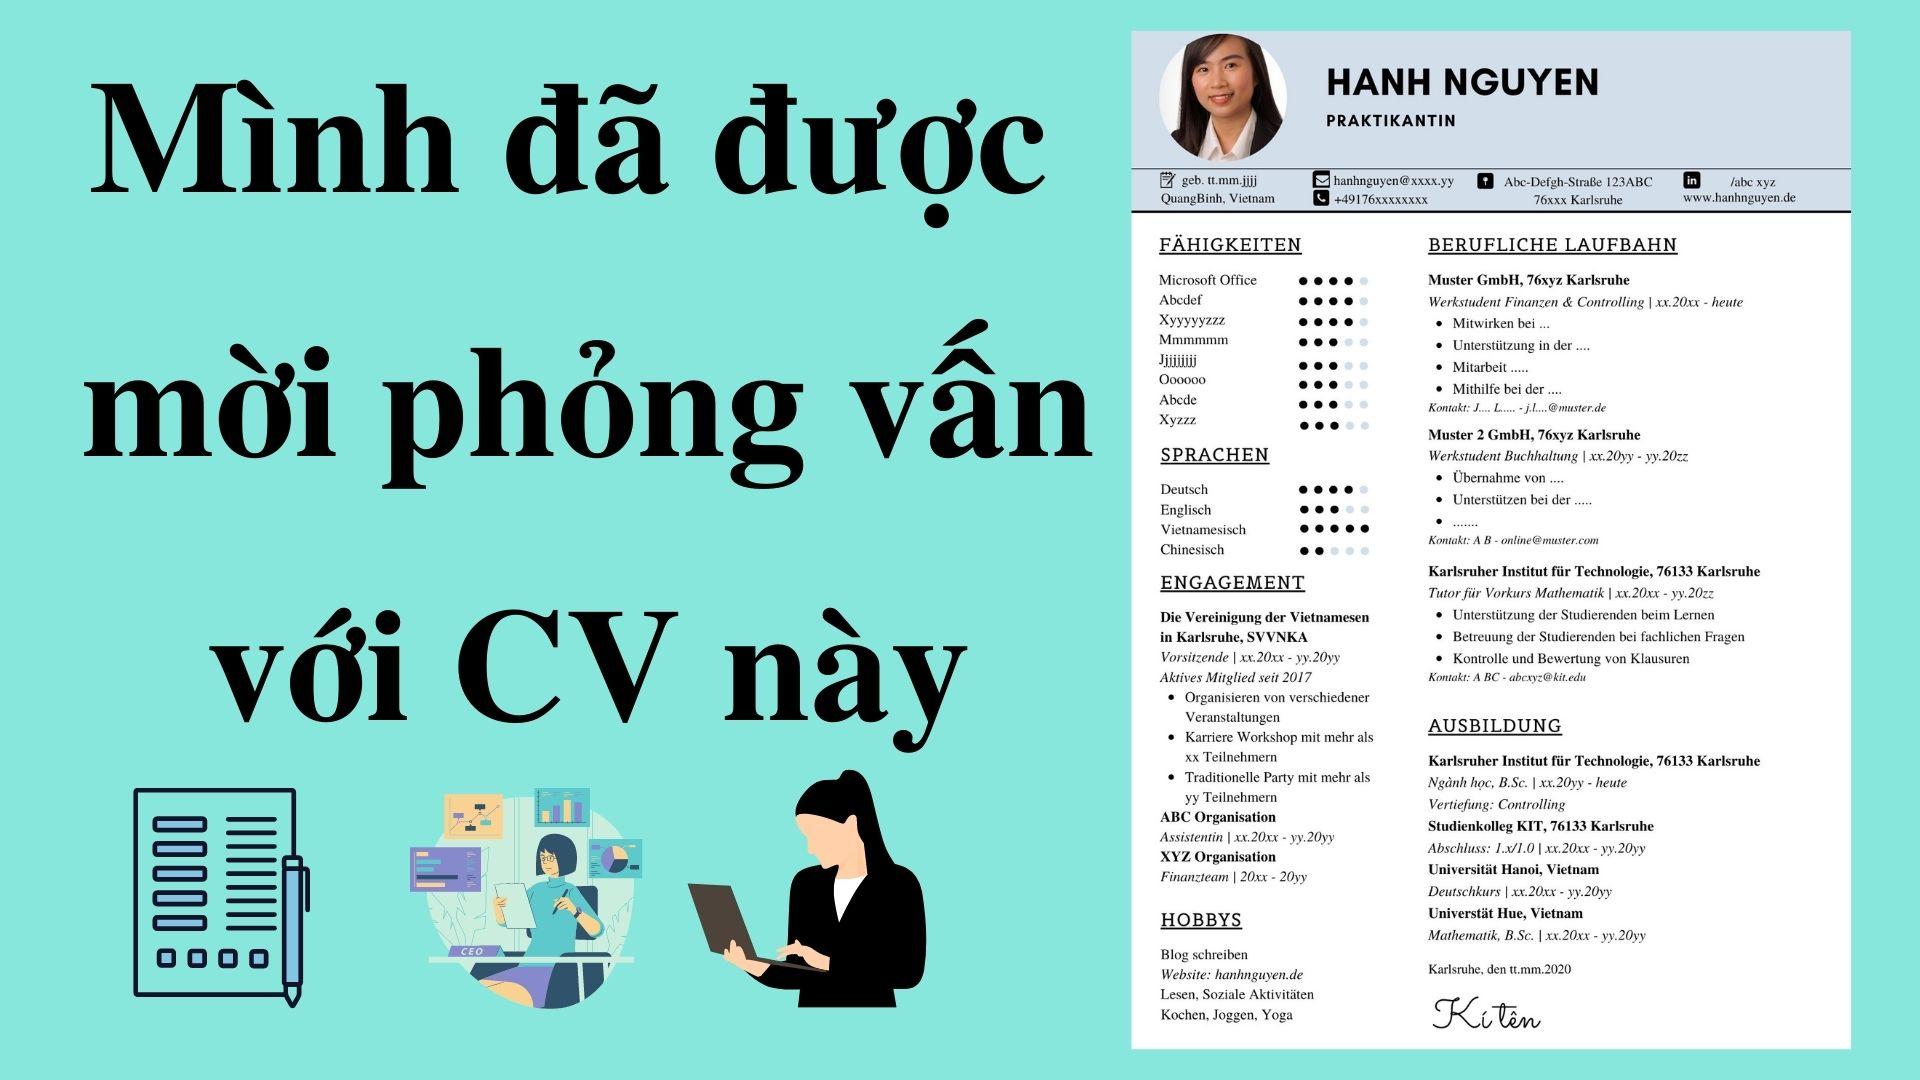 Mình đã được mời phỏng vấn với CV này